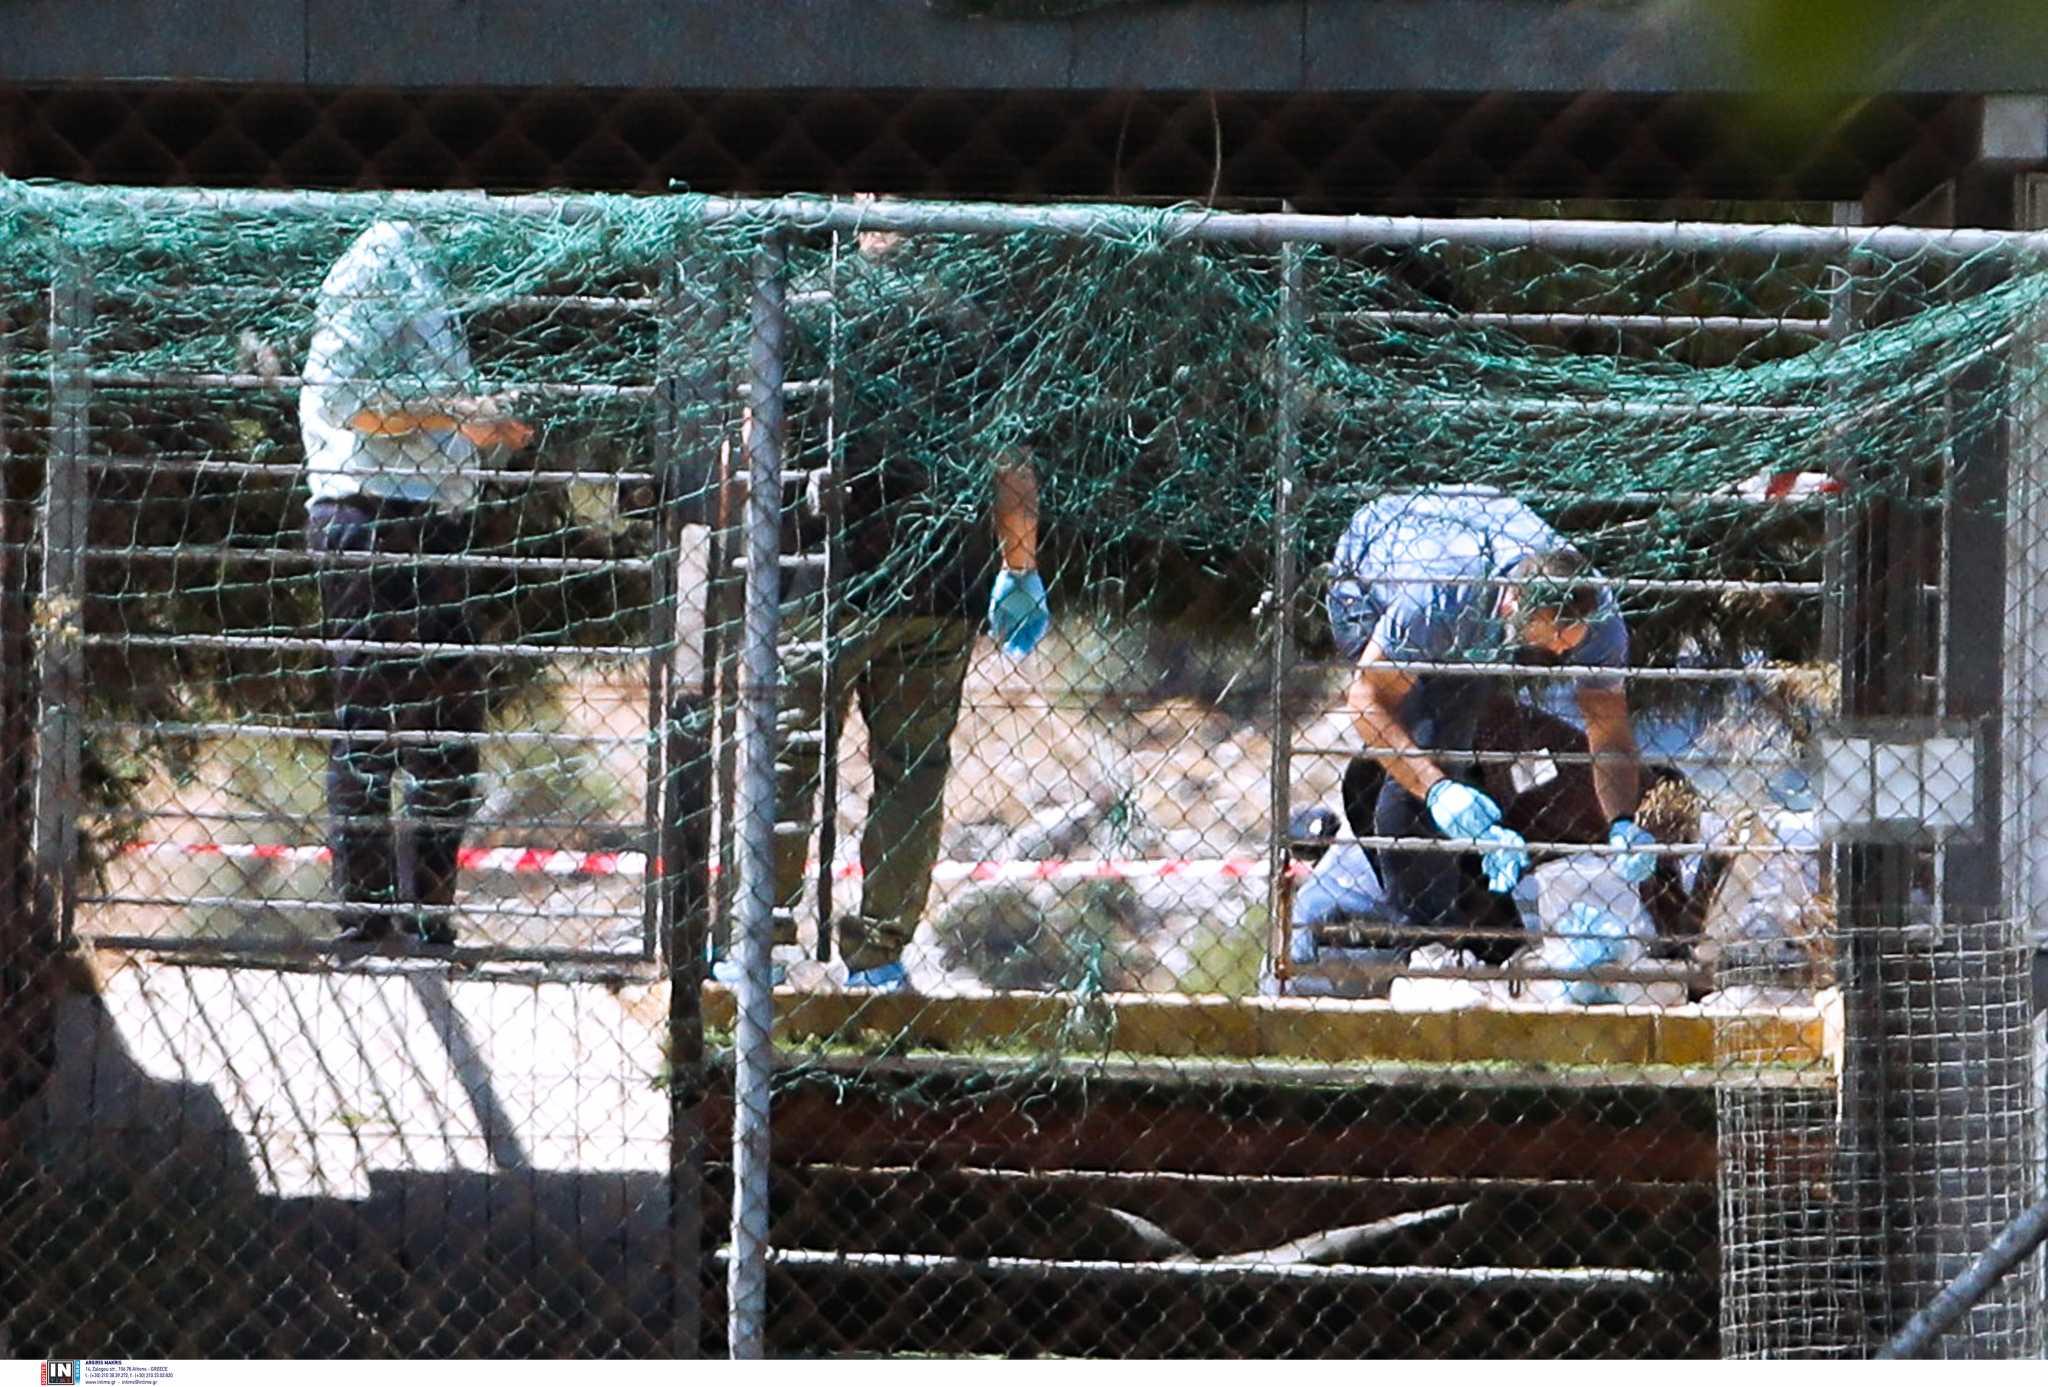 Βάρη: Εκτέλεσαν εν ψυχρώ τον γνωστό πυγμάχο Τάσο Μπερδέση